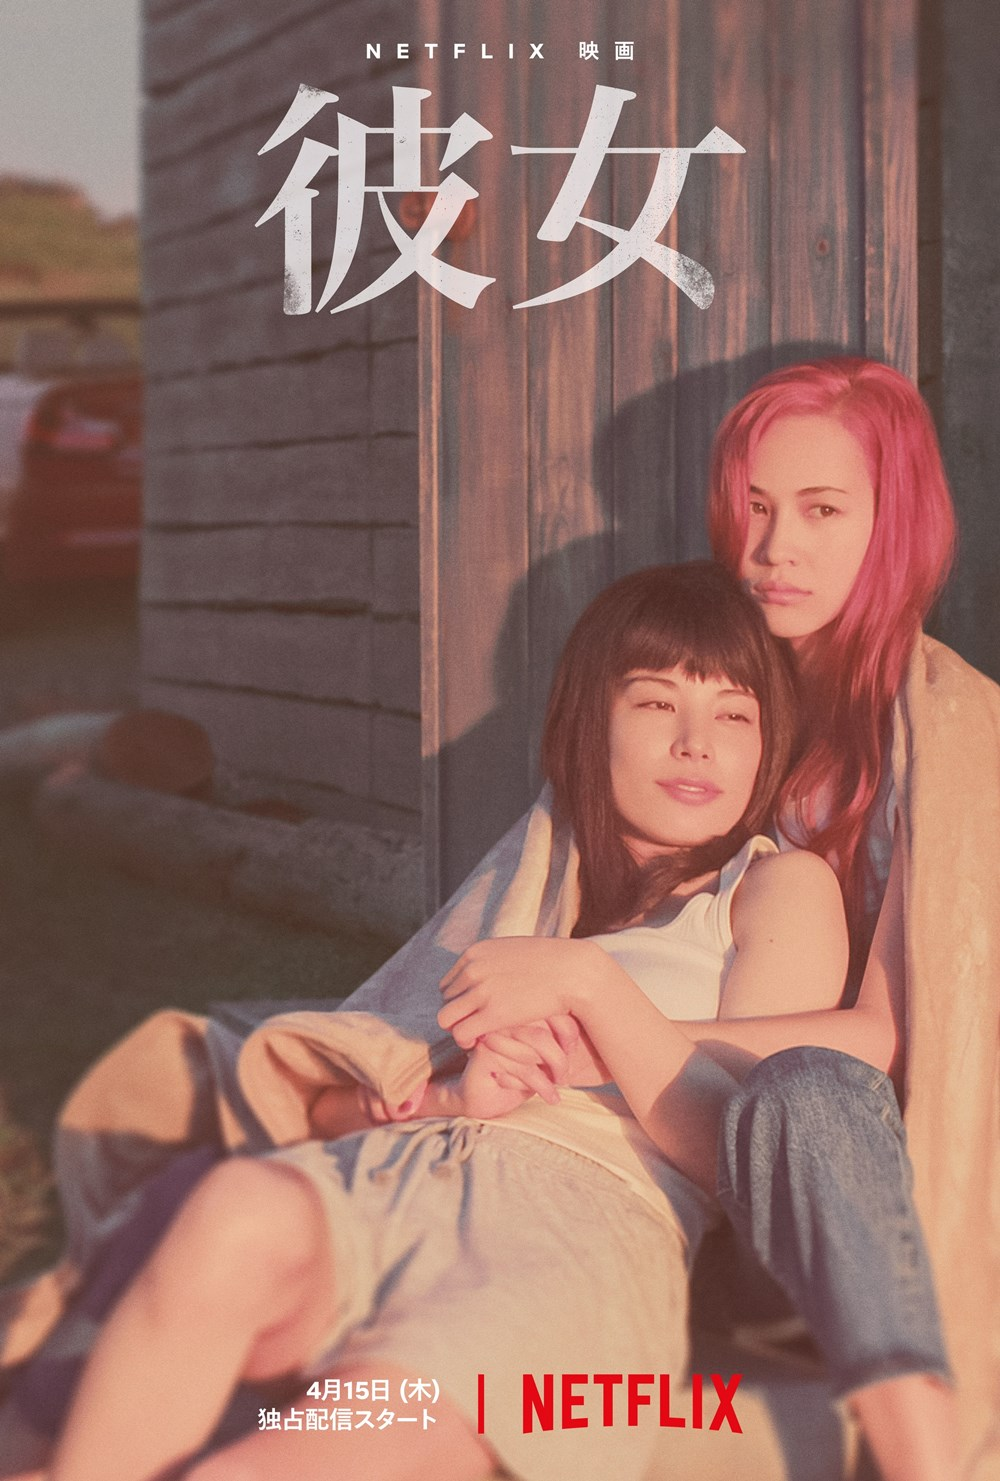 【画像】Netflix映画『彼女』キーアート